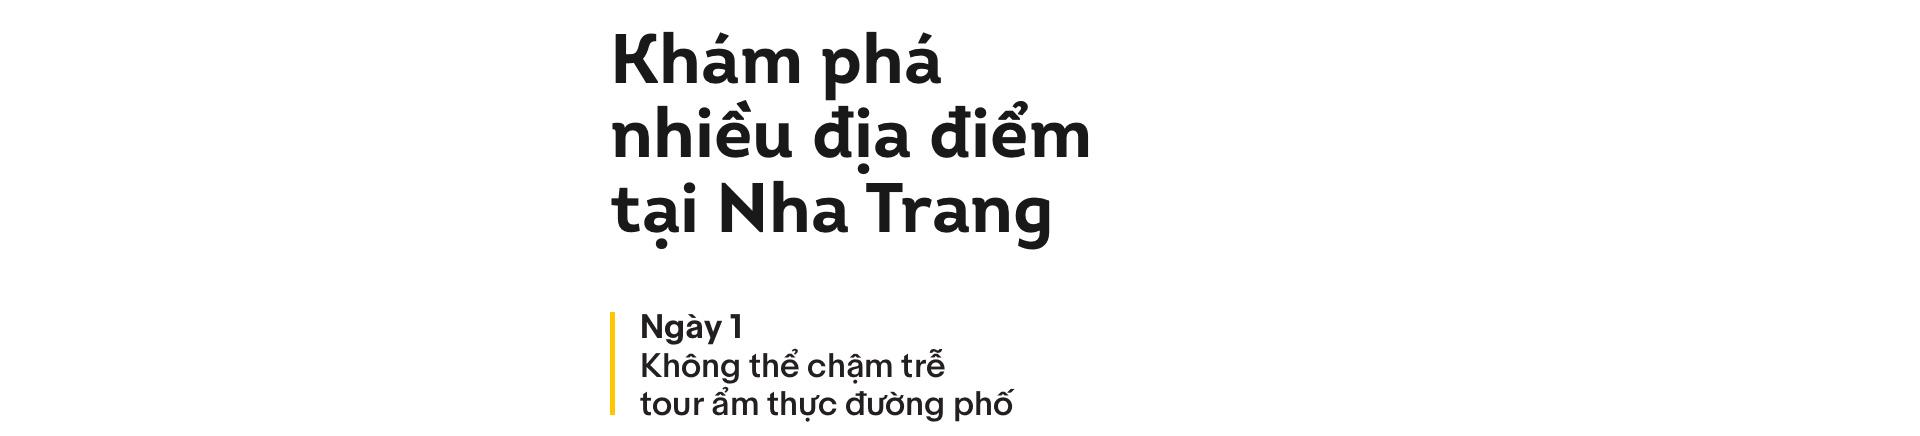 Kỳ nghỉ đáng nhớ tại Nha Trang - Ảnh 1.